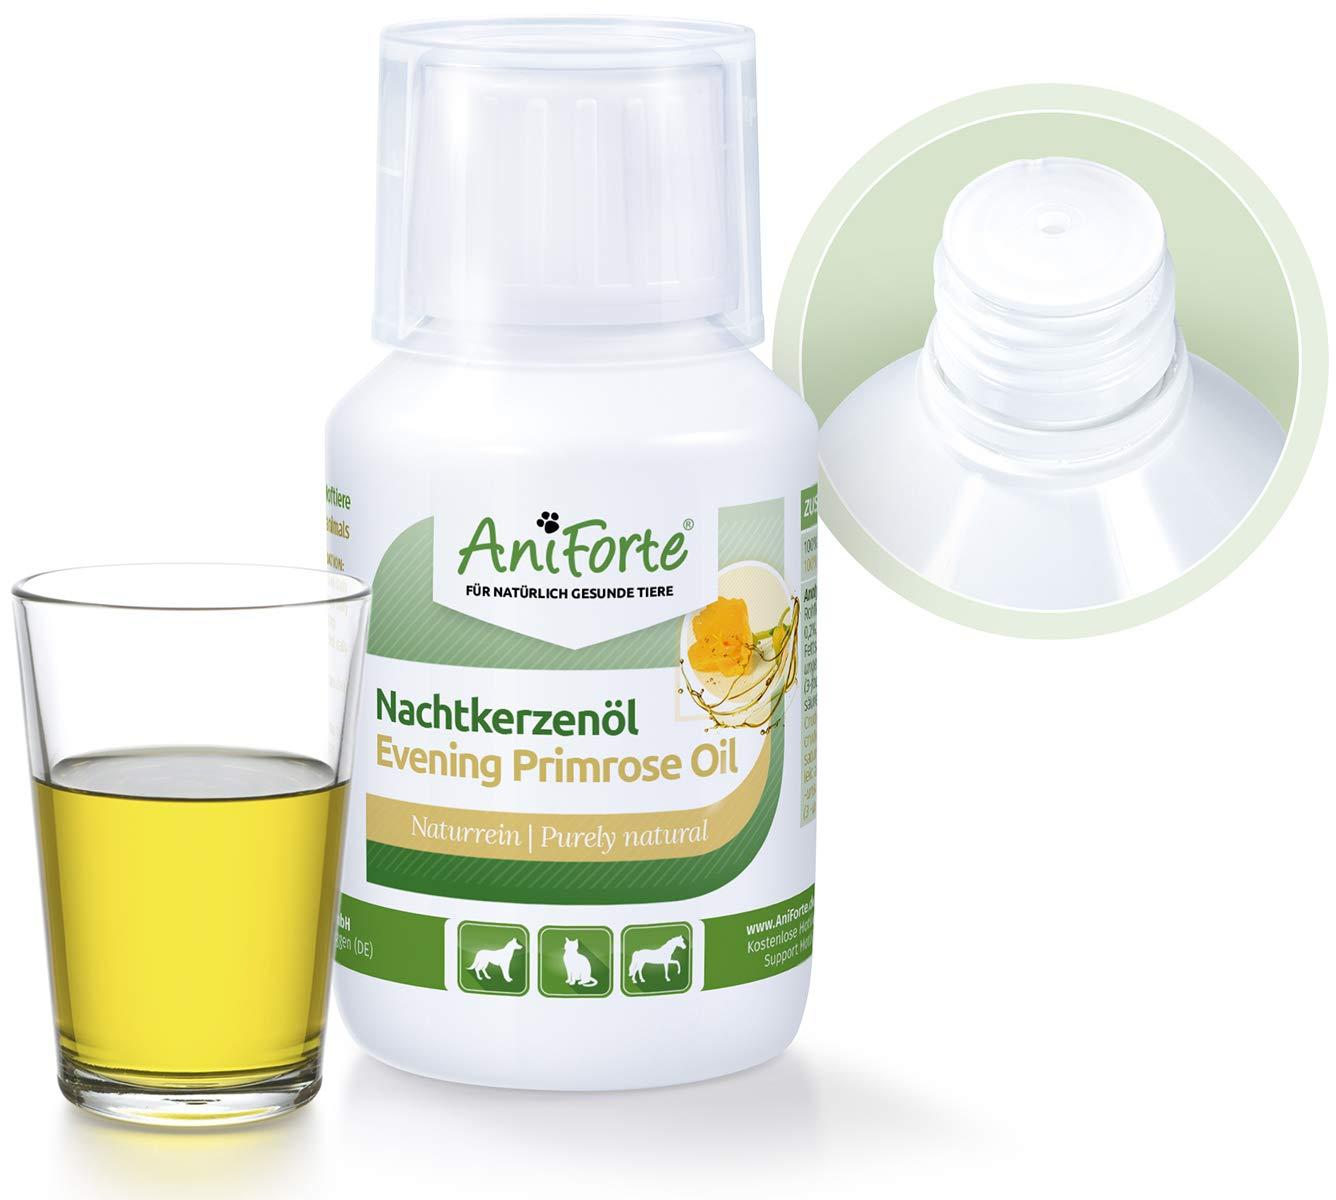 AniForte natural Aceite de onagra 100 kle Naturprodukt para perro, Gatos y Caballos: Amazon.es: Productos para mascotas